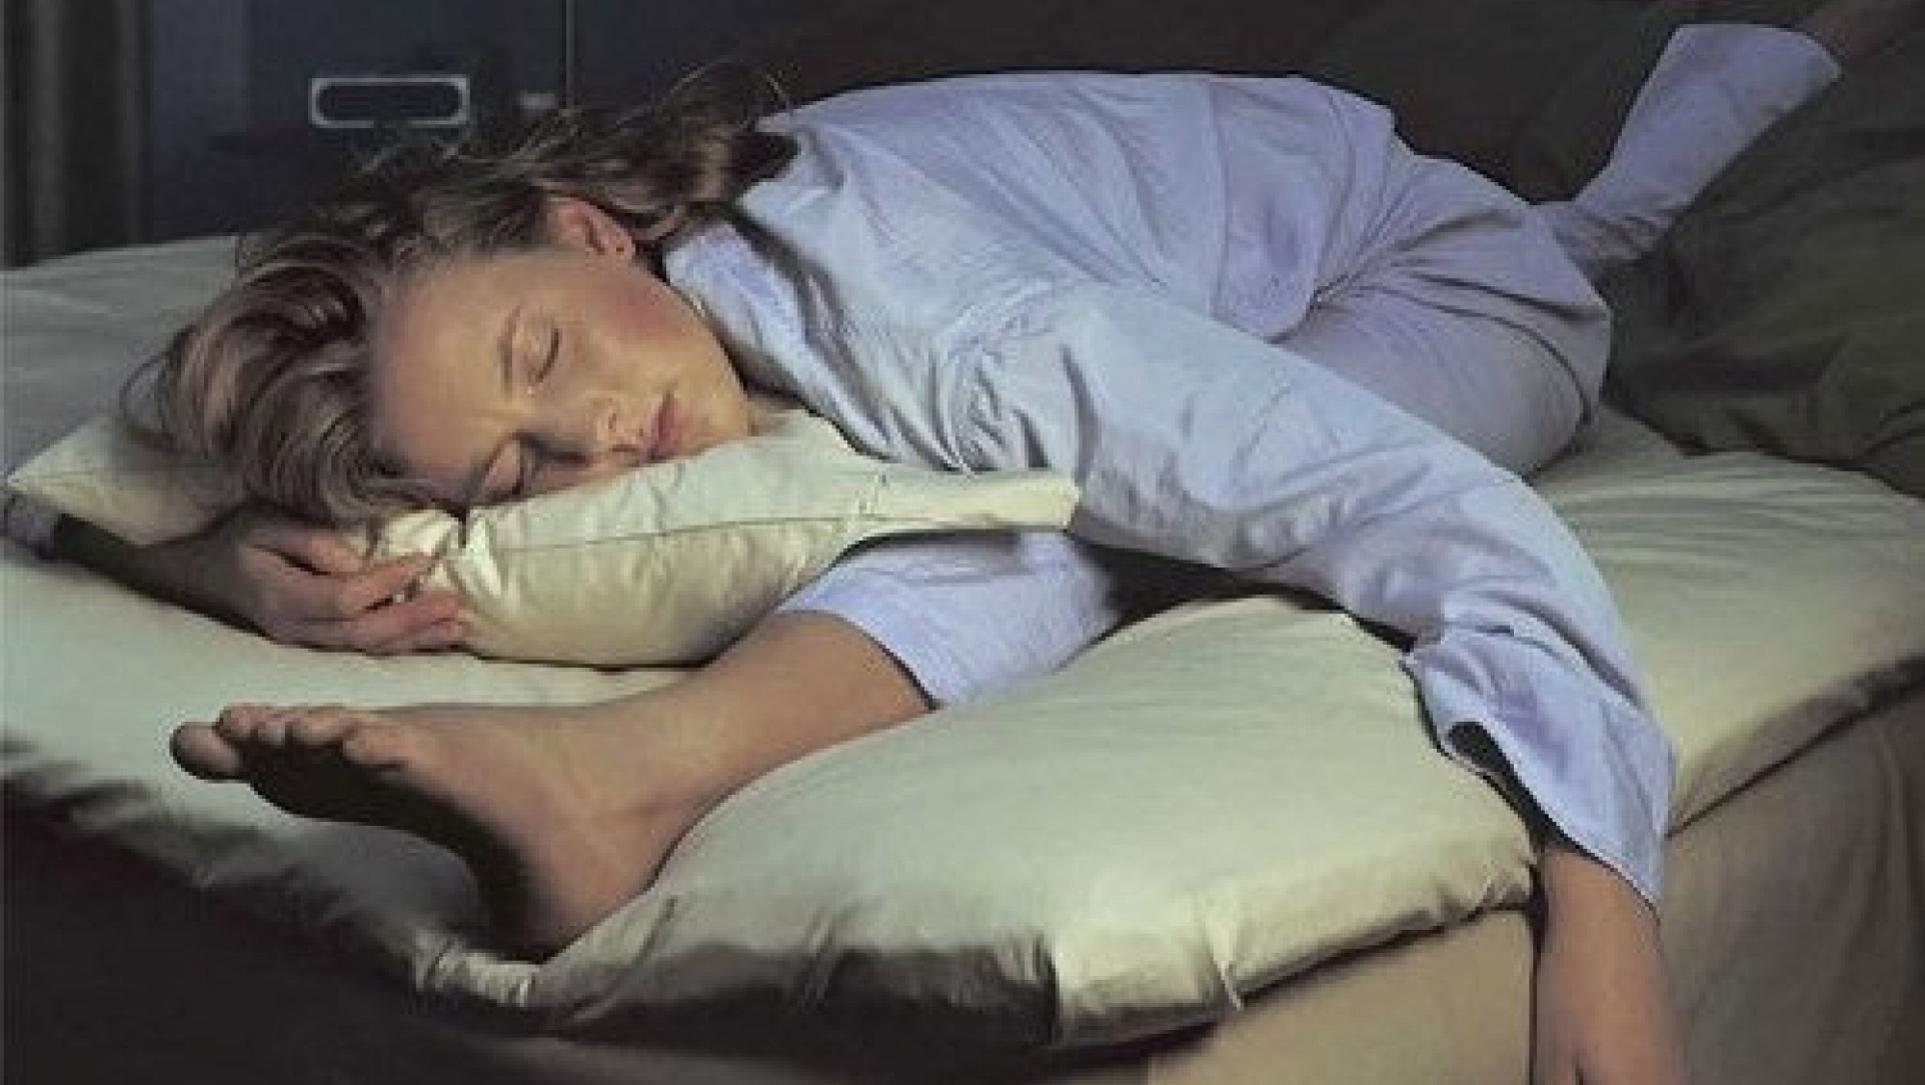 Картинка спящей девушки смешная